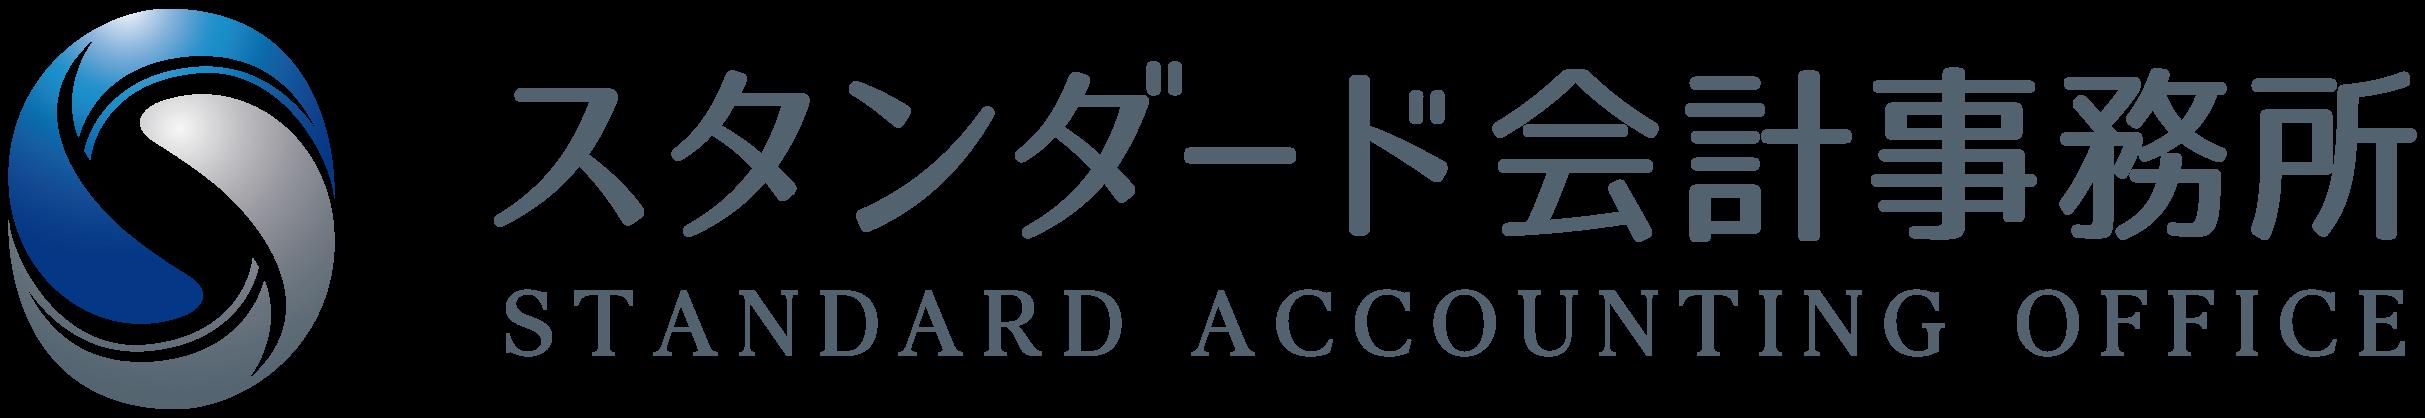 品川区五反田のスタンダード会計事務所